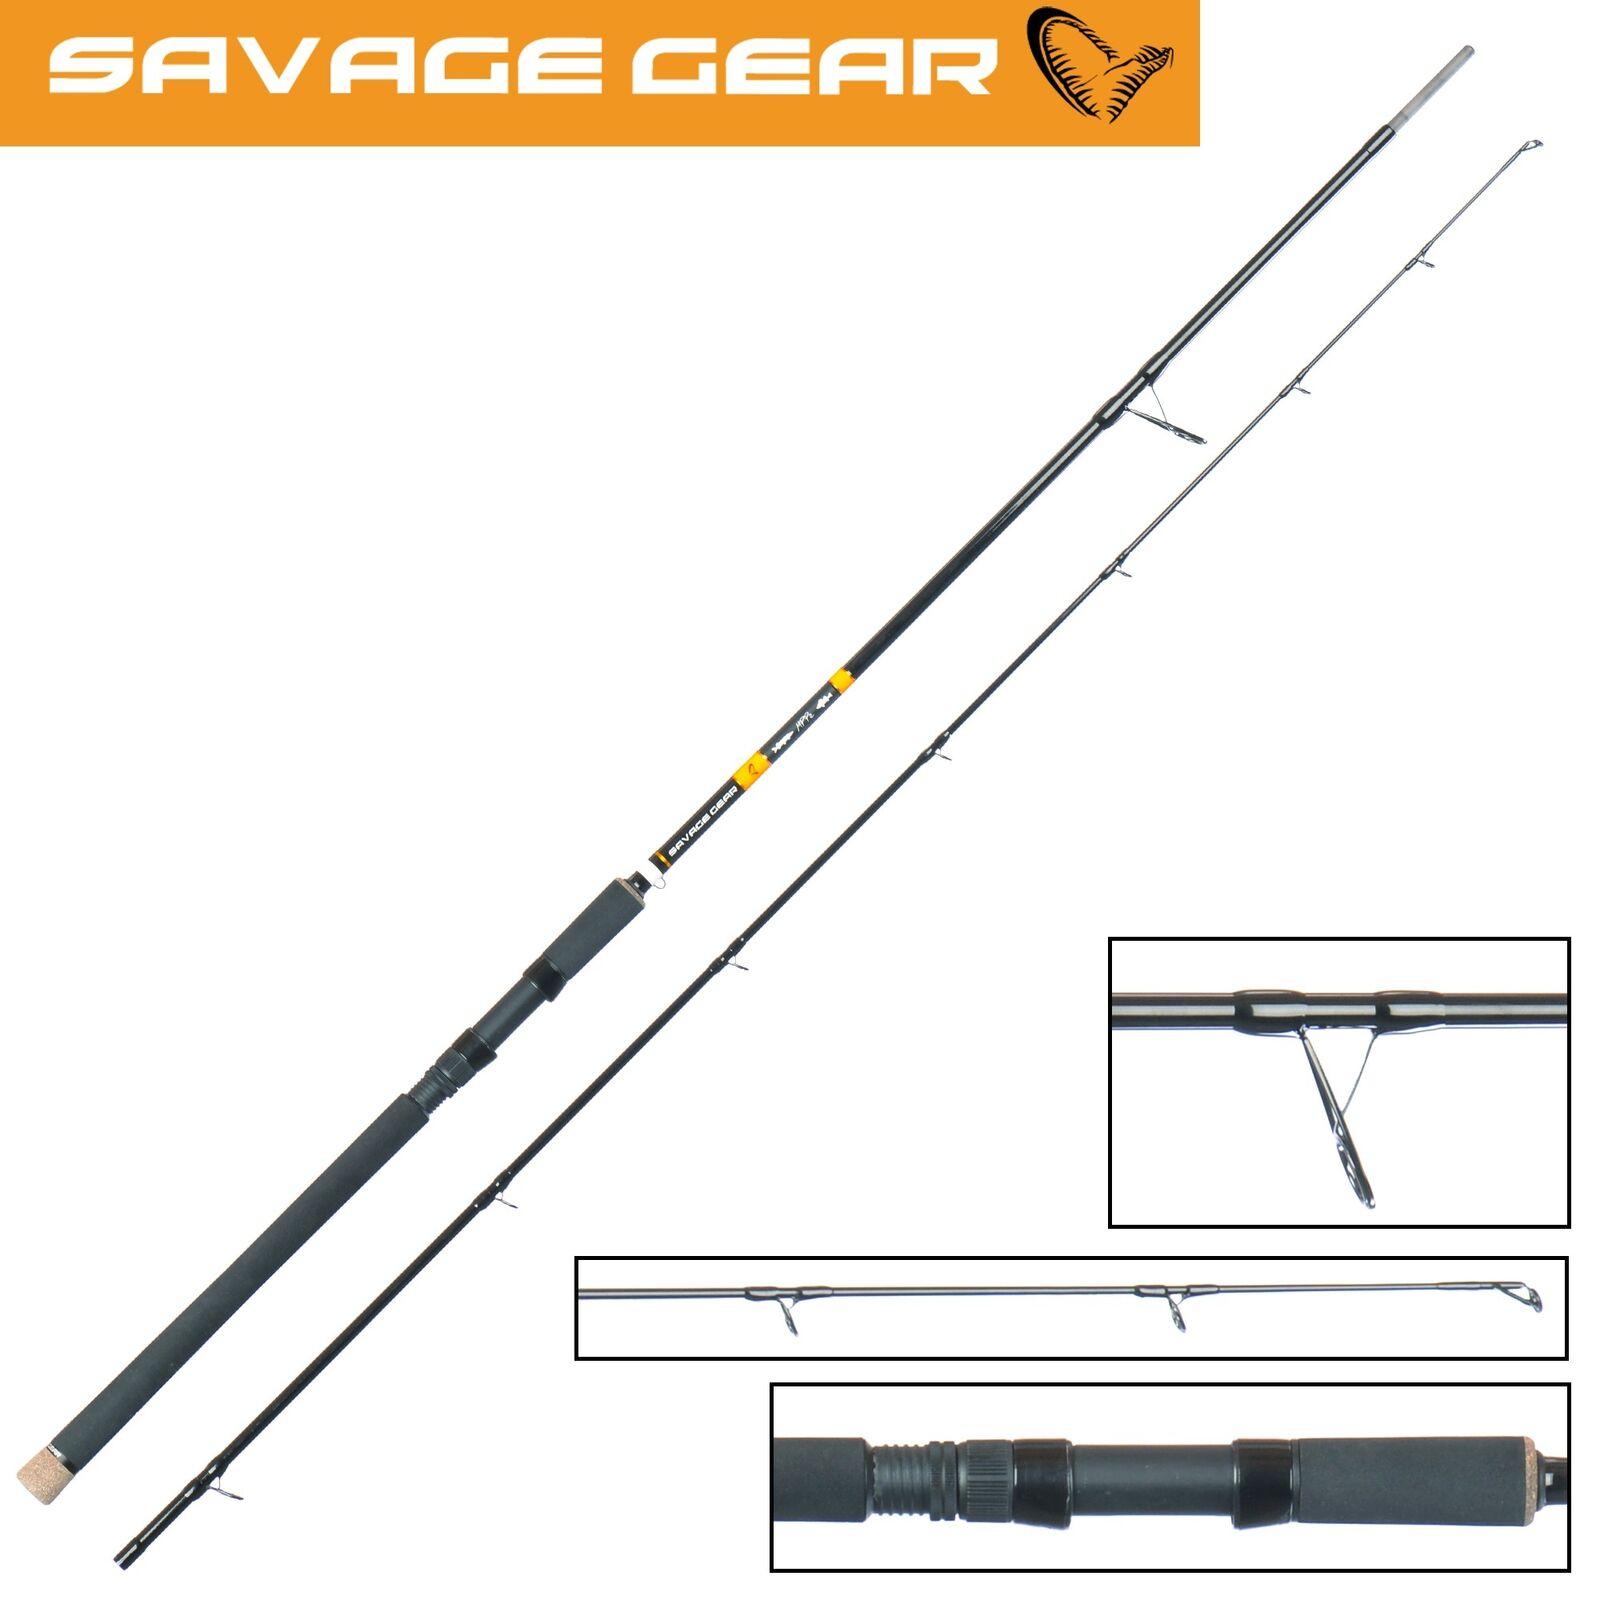 Savage Gear MPP2 Spin 259cm 70g - Spinnrute, Hechtrute, Raubfischrute